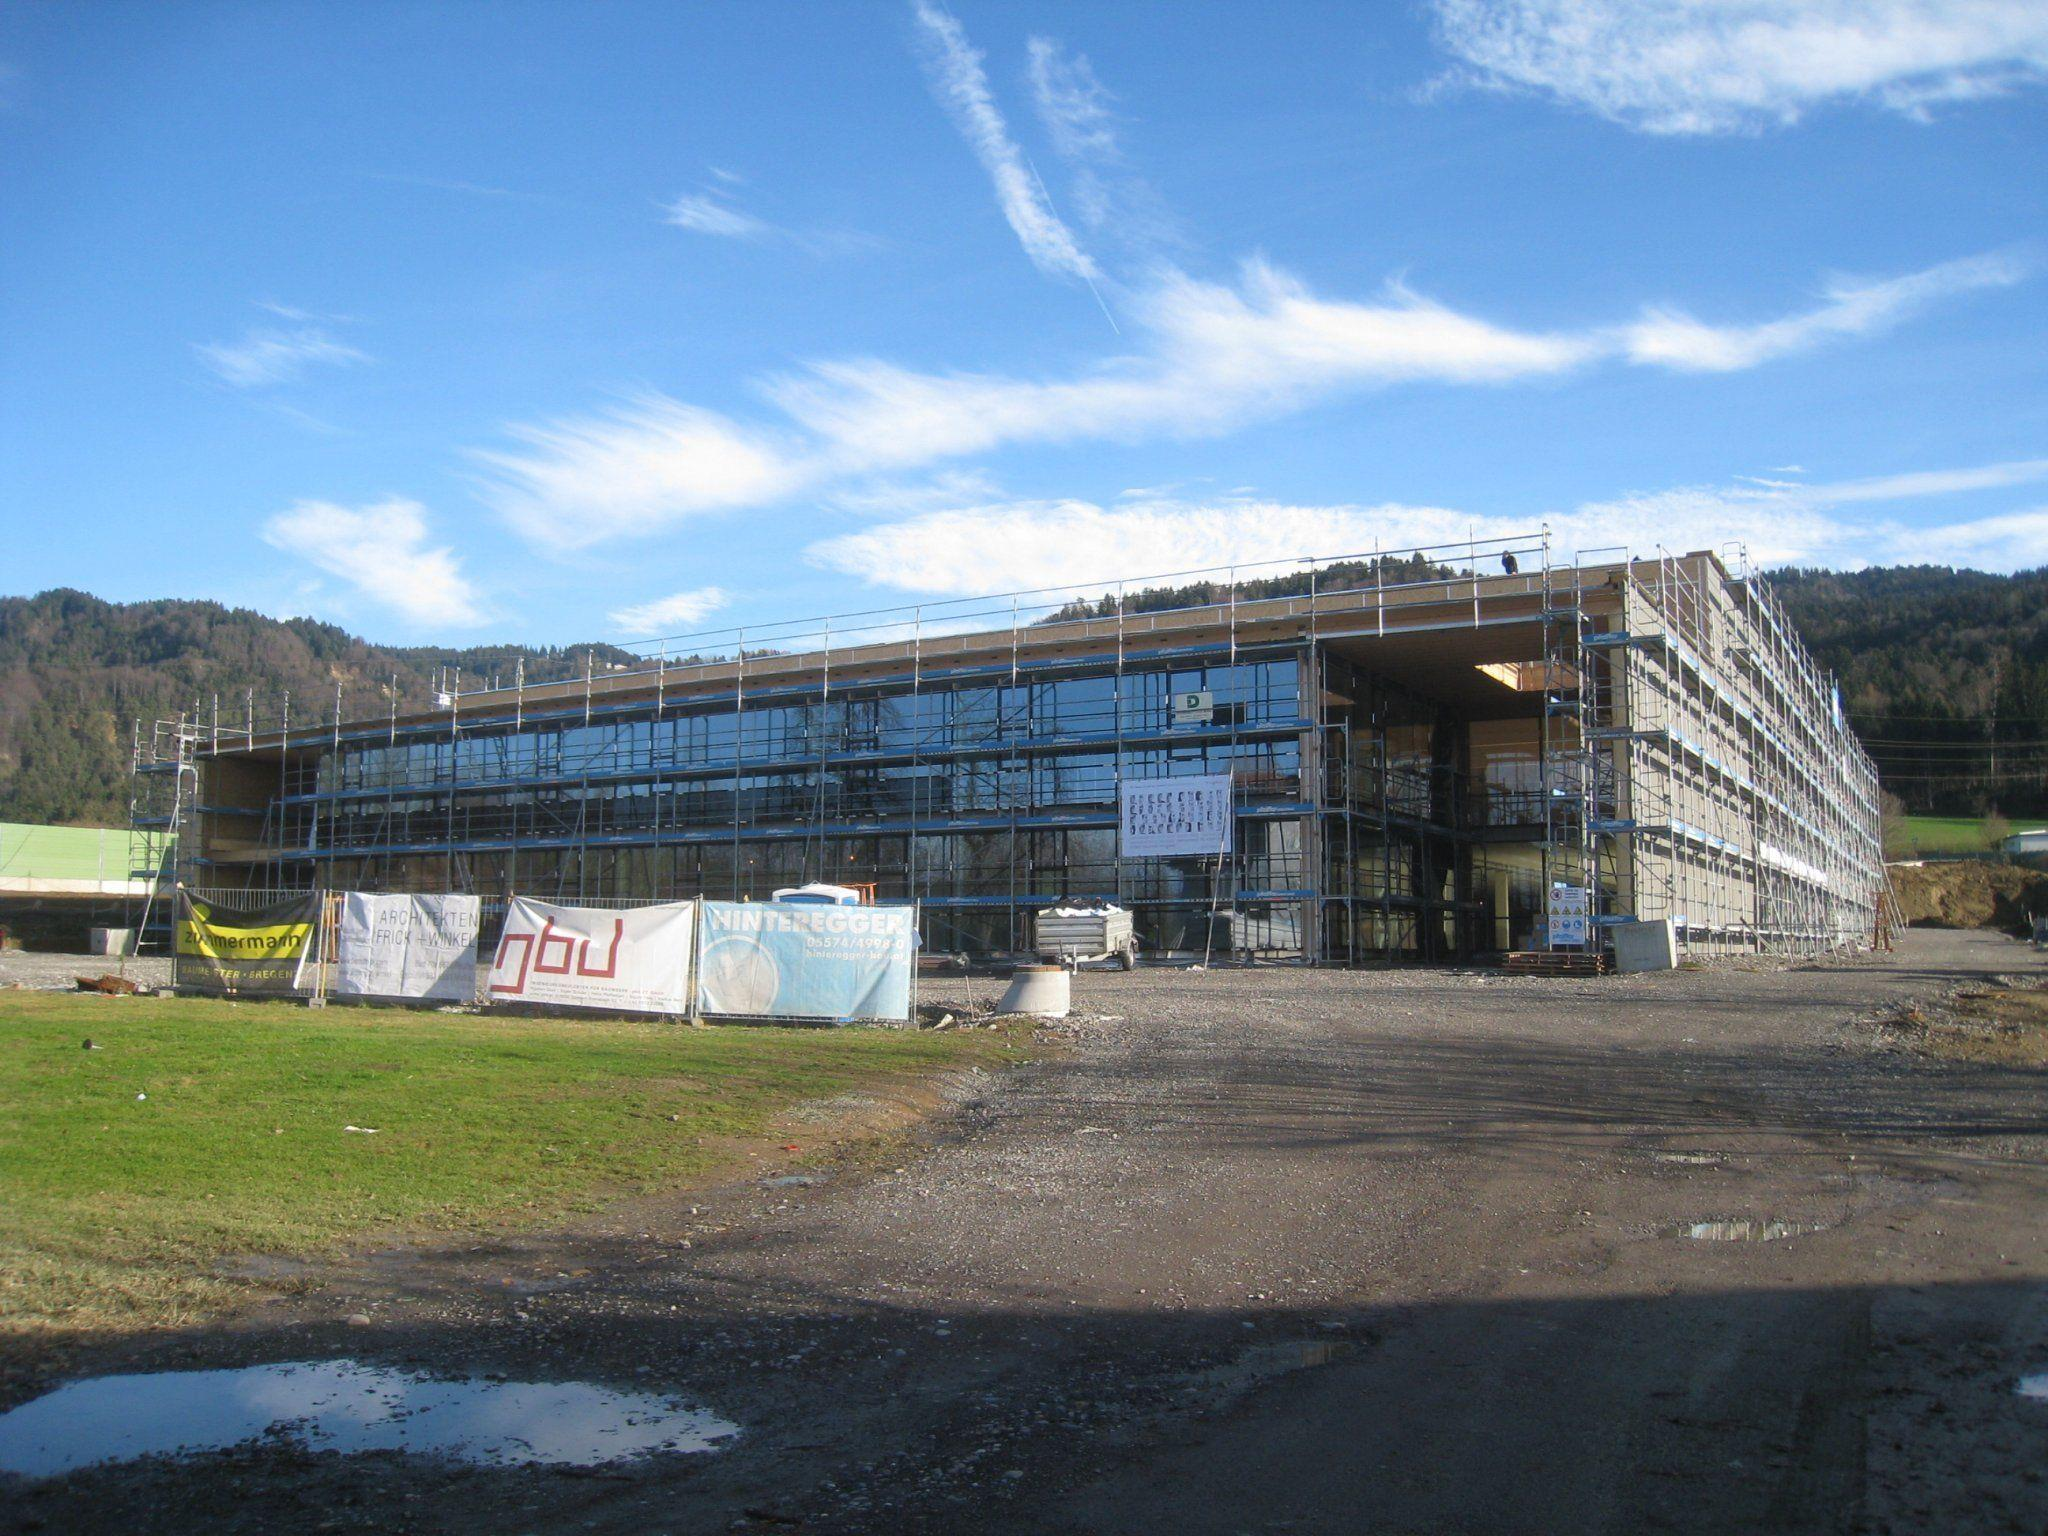 Der Typico-Betriebsneubau an der Peripherie von Lochau im Bereich Reutele entwickelt sich zusehends.